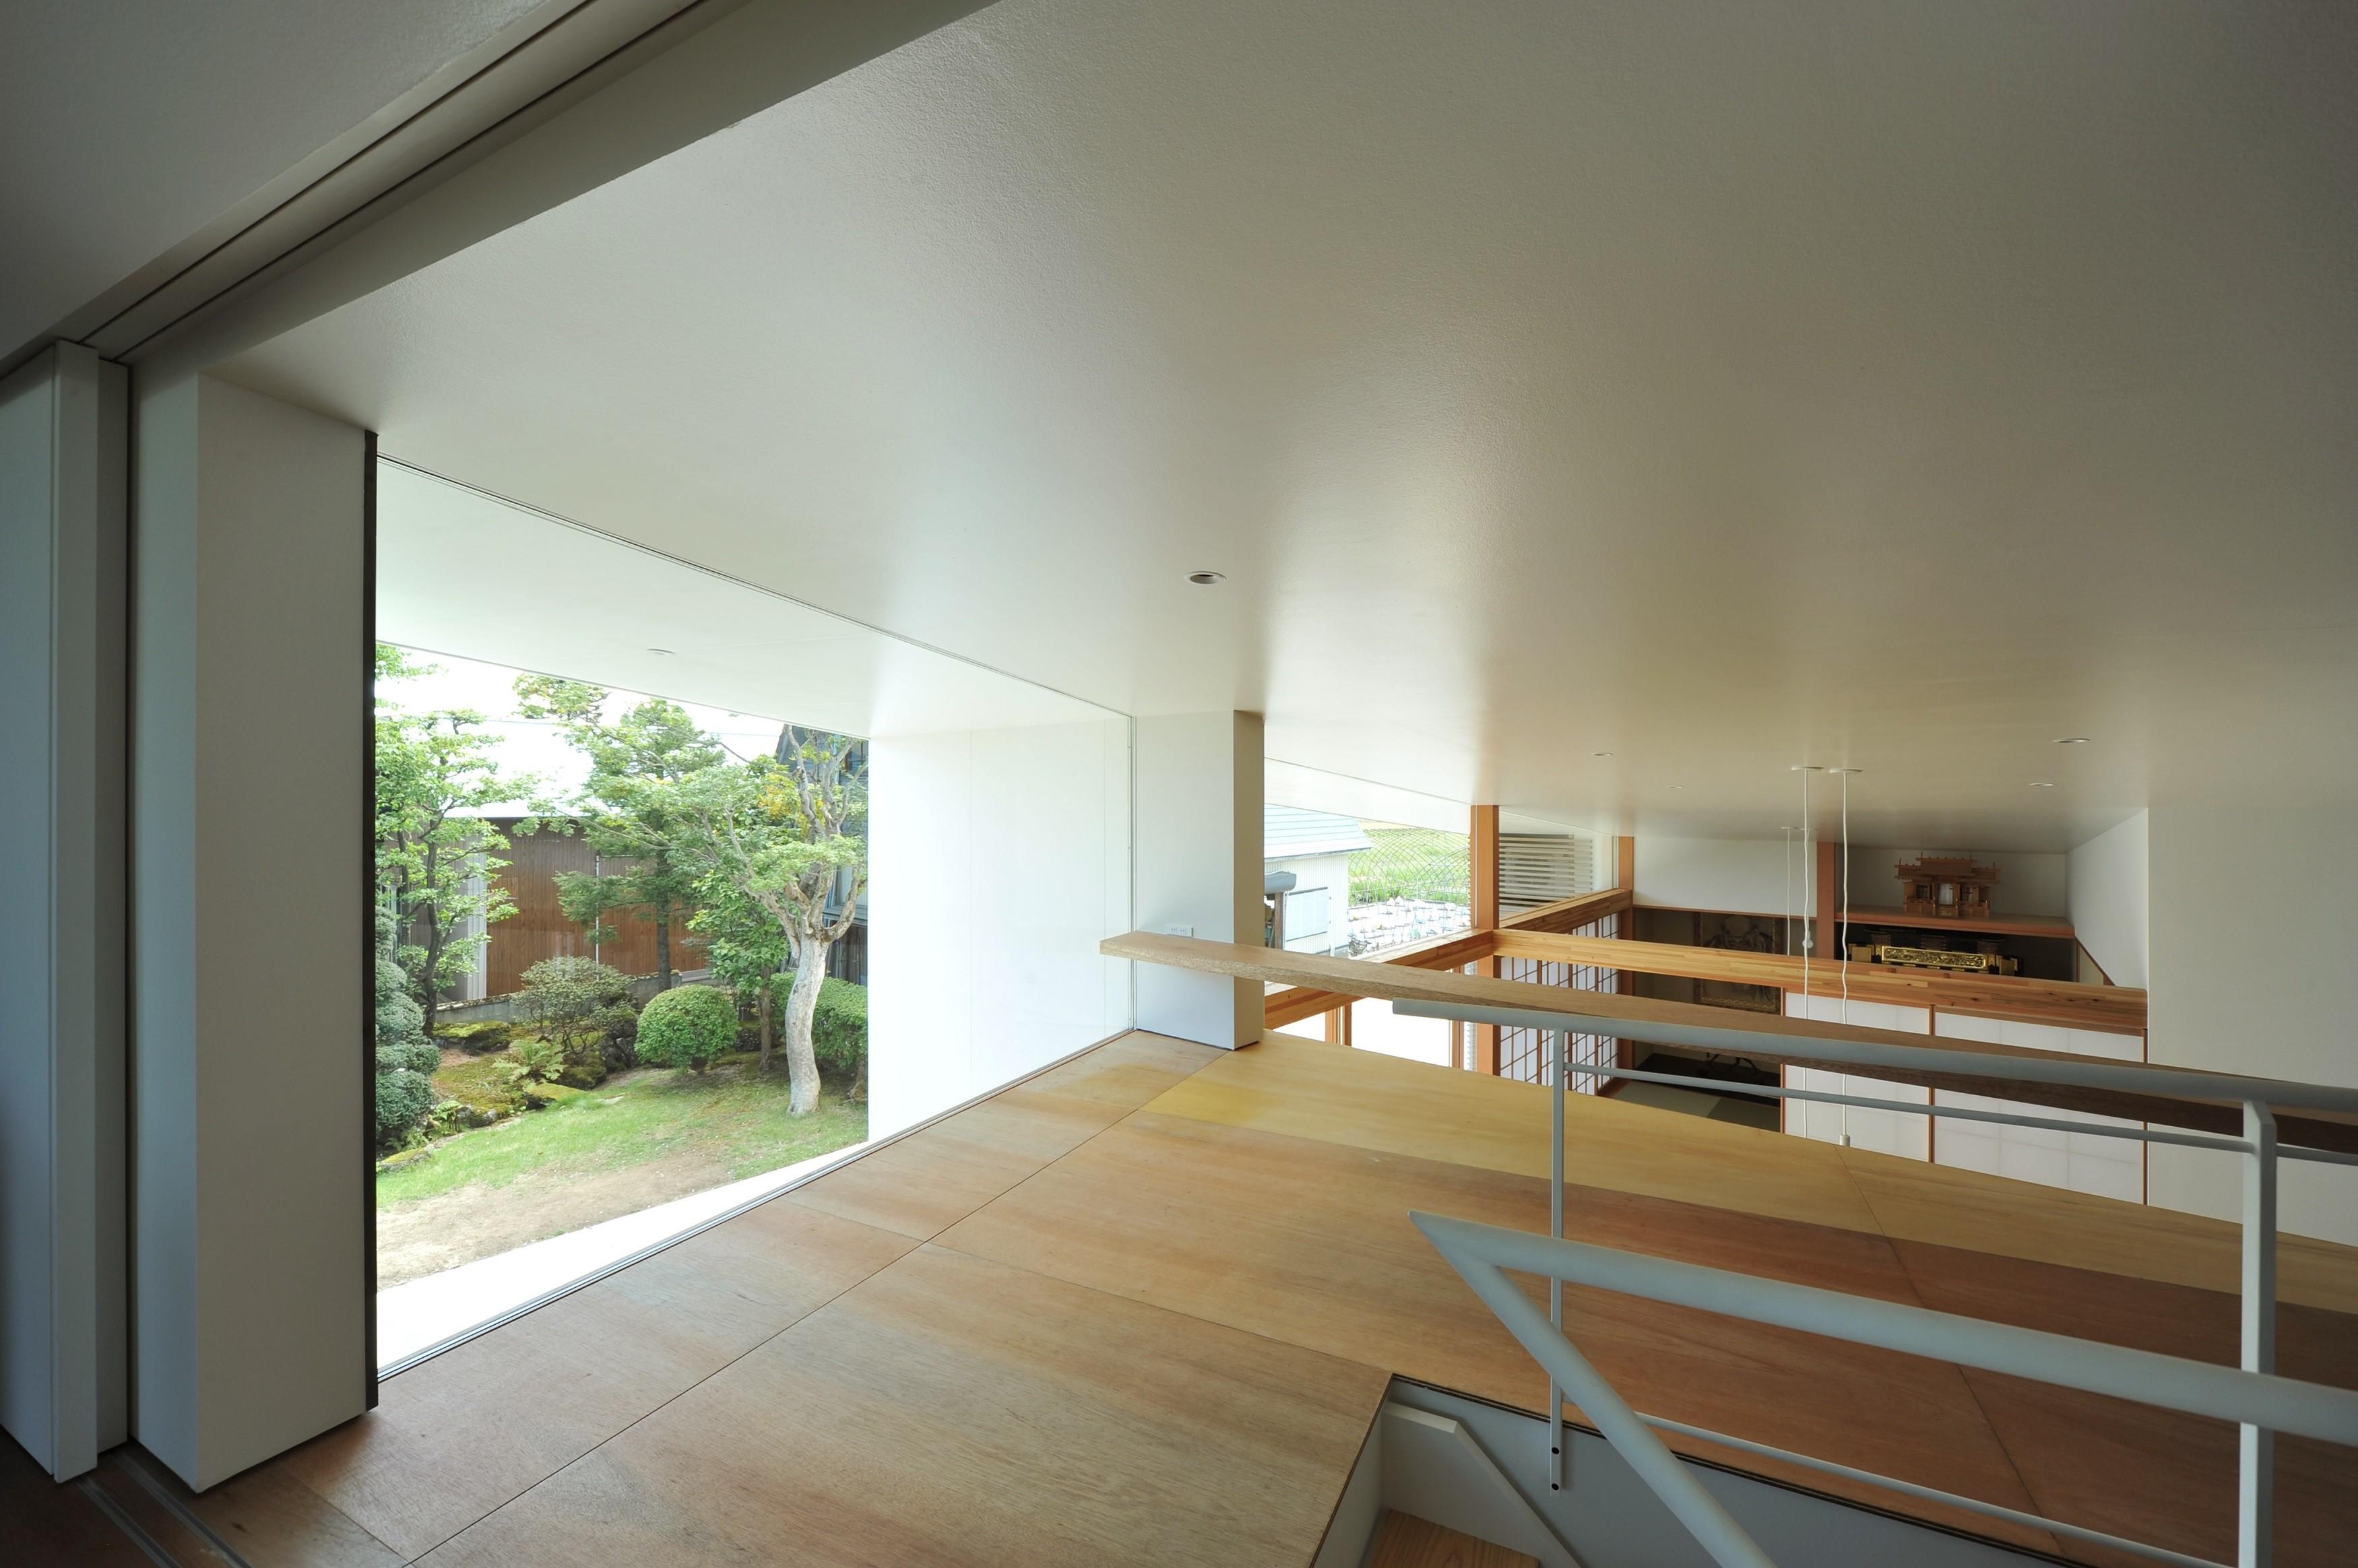 その他事例:ロフト(sakuramori house)